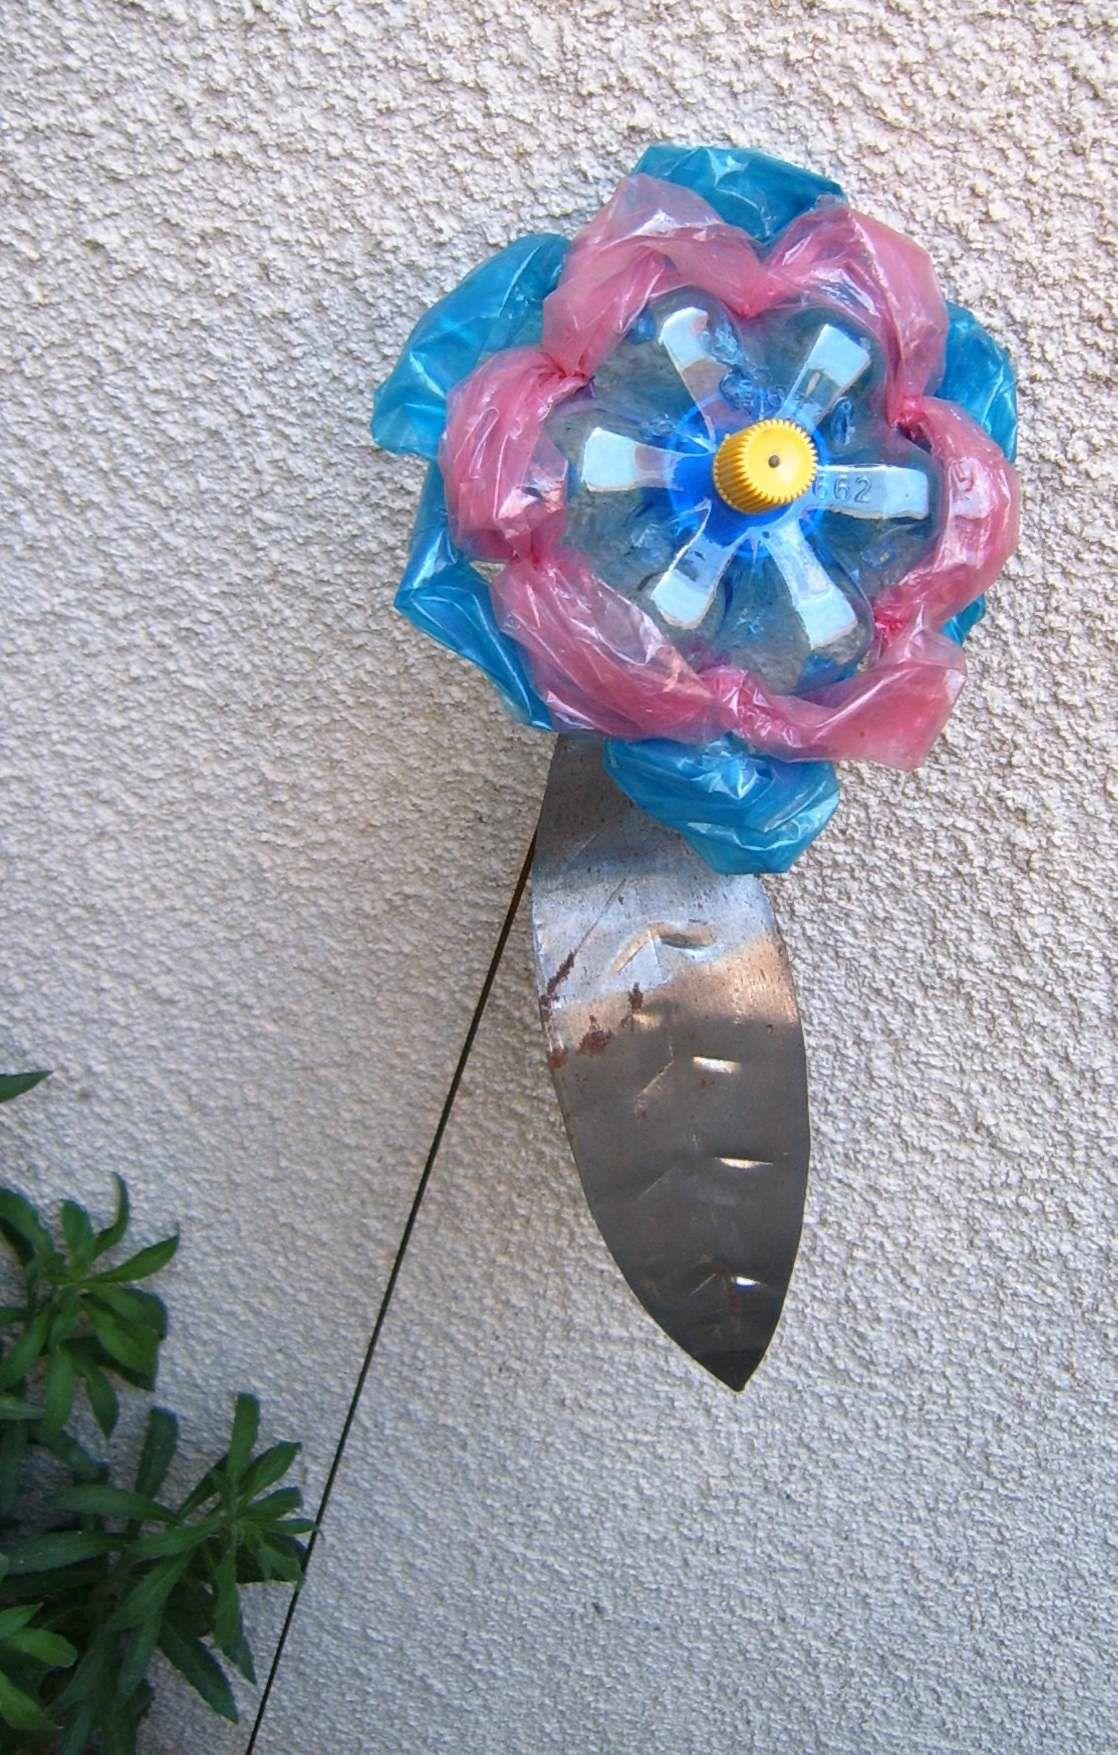 Beliebt Déchets plastique Valorisation PET - Fleur plastique rose et bleue  BH37